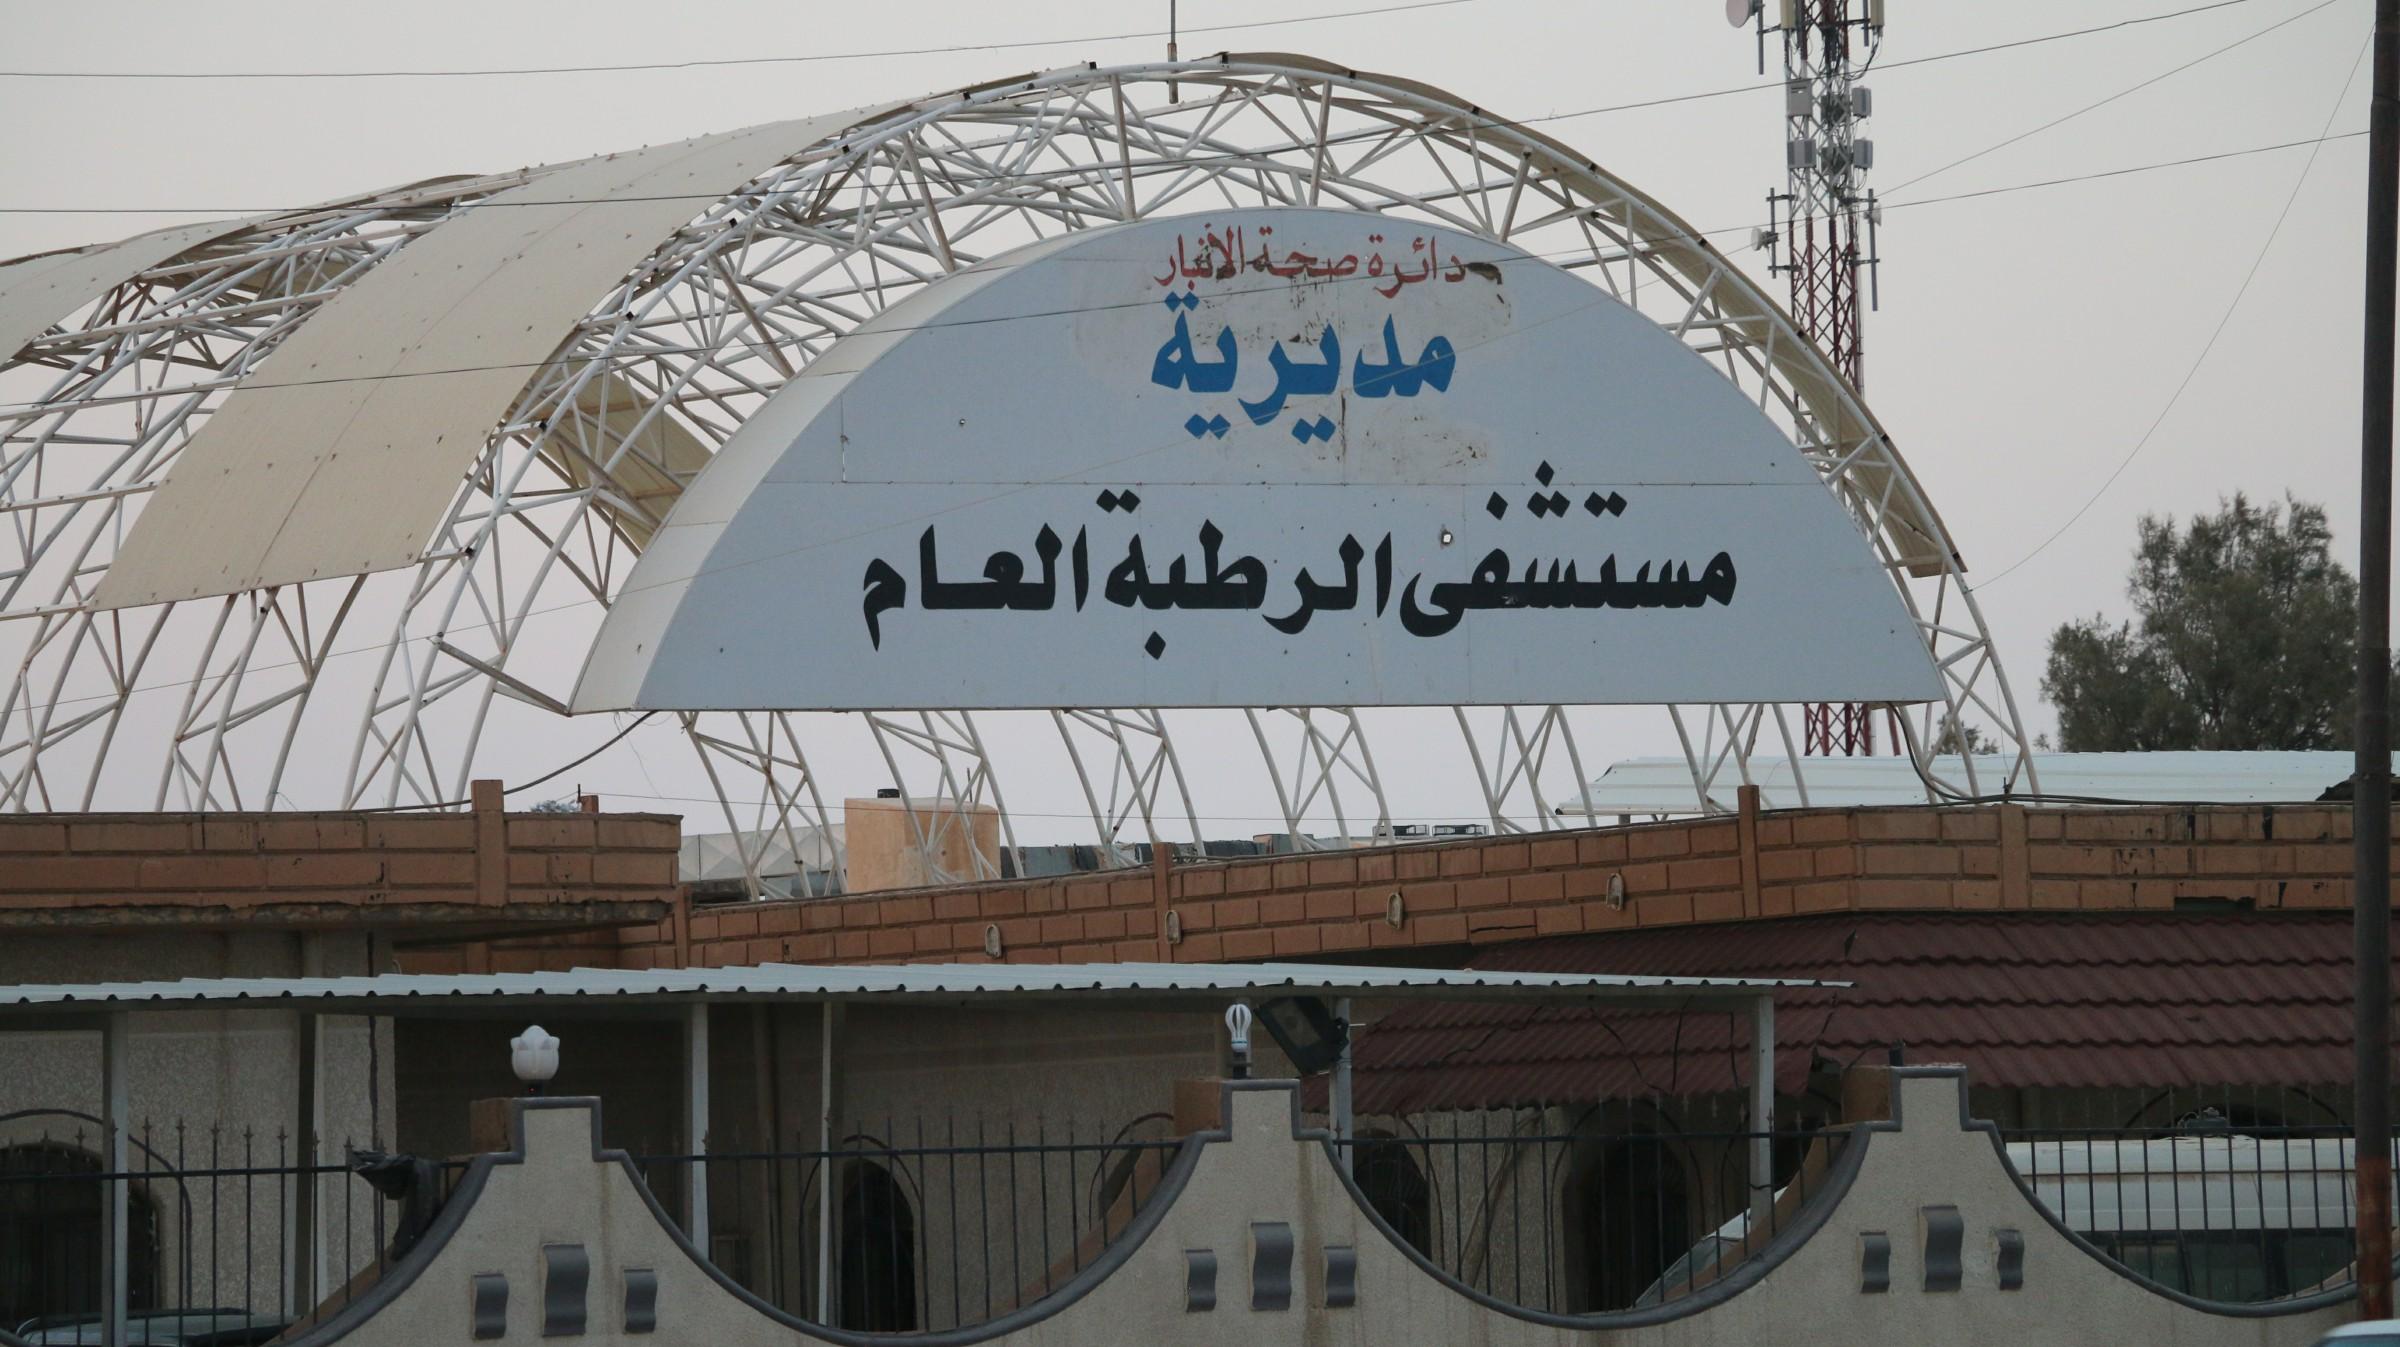 اغلاق طوارئ مستشفى الرطبة بعد اعتداء جندي على أحد الأطباء فيها